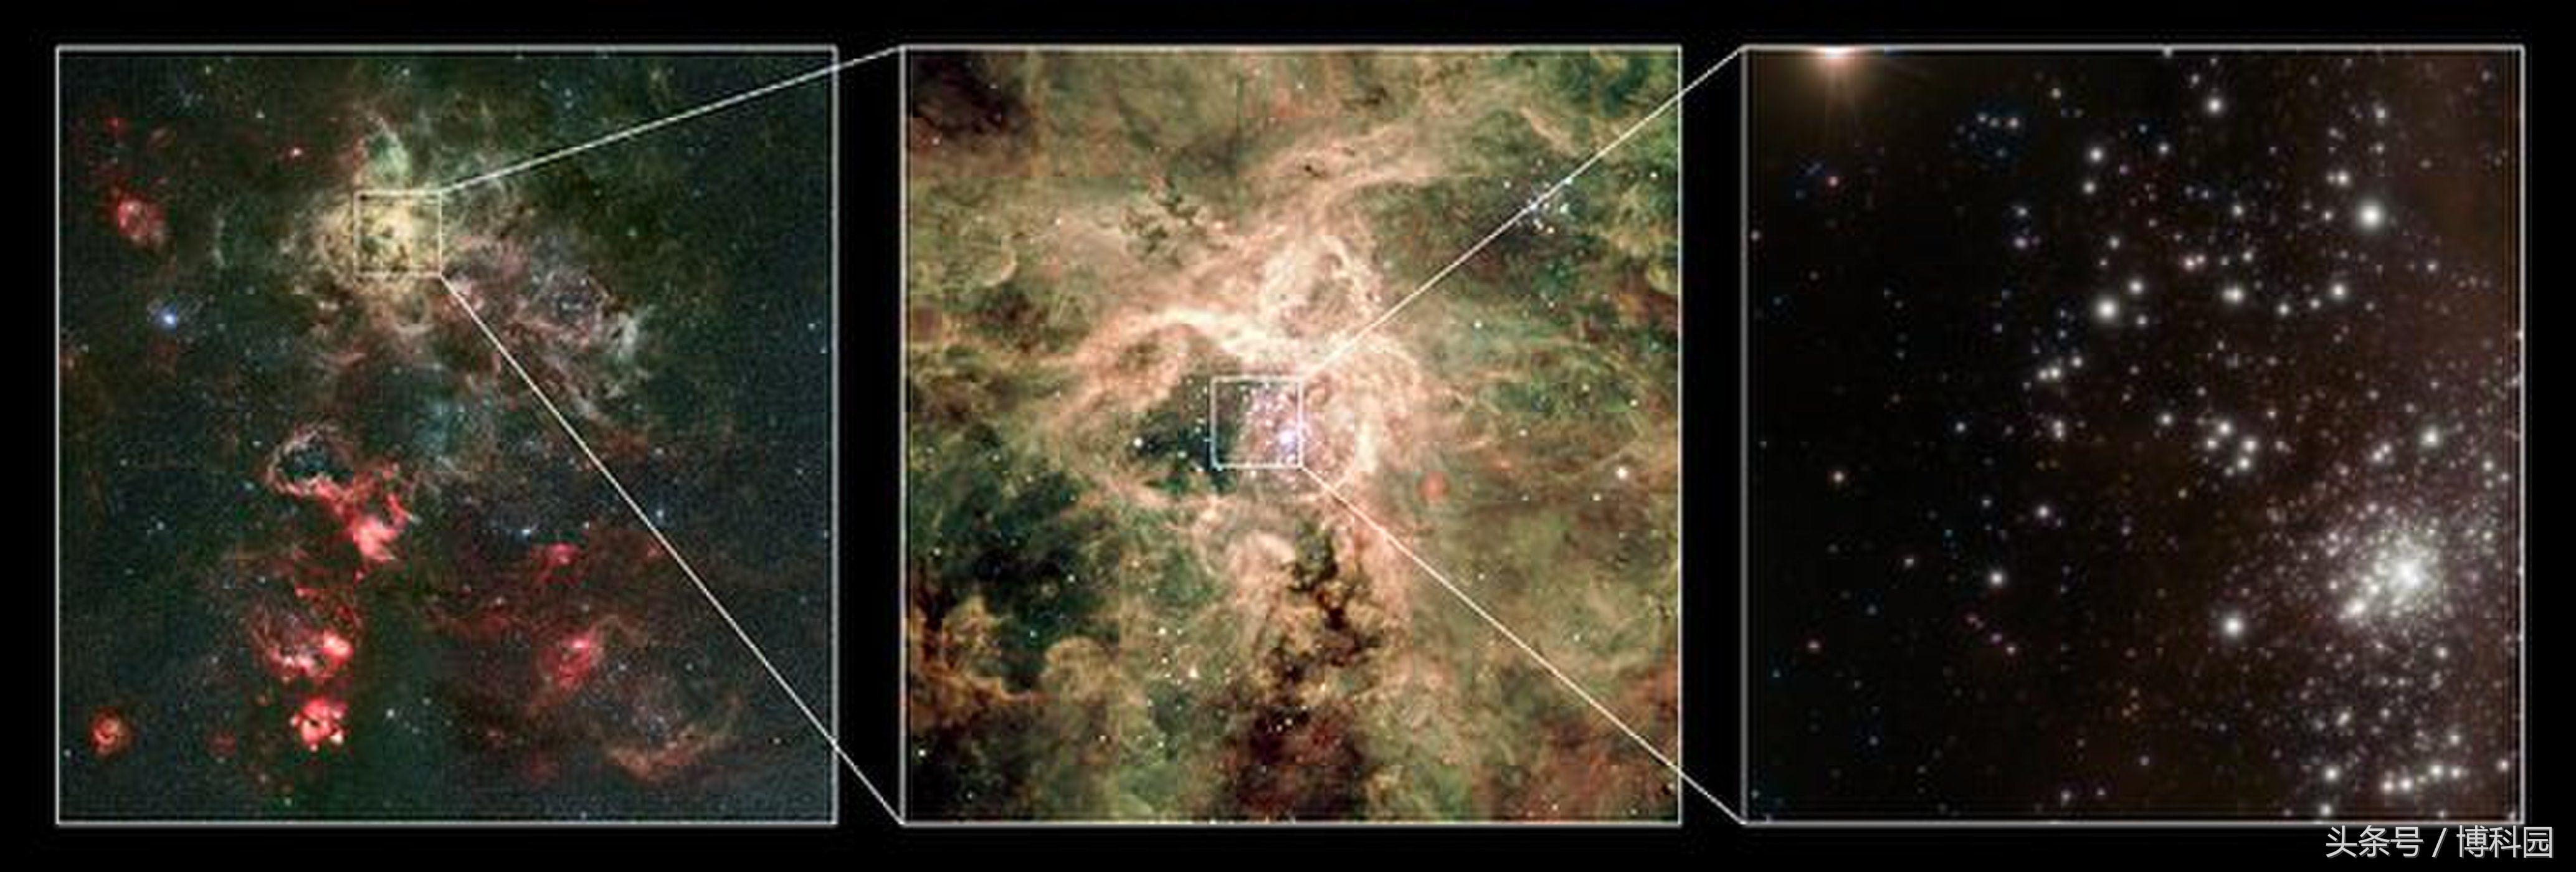 宇宙中最大规模物体是什么?包含3万亿个太阳